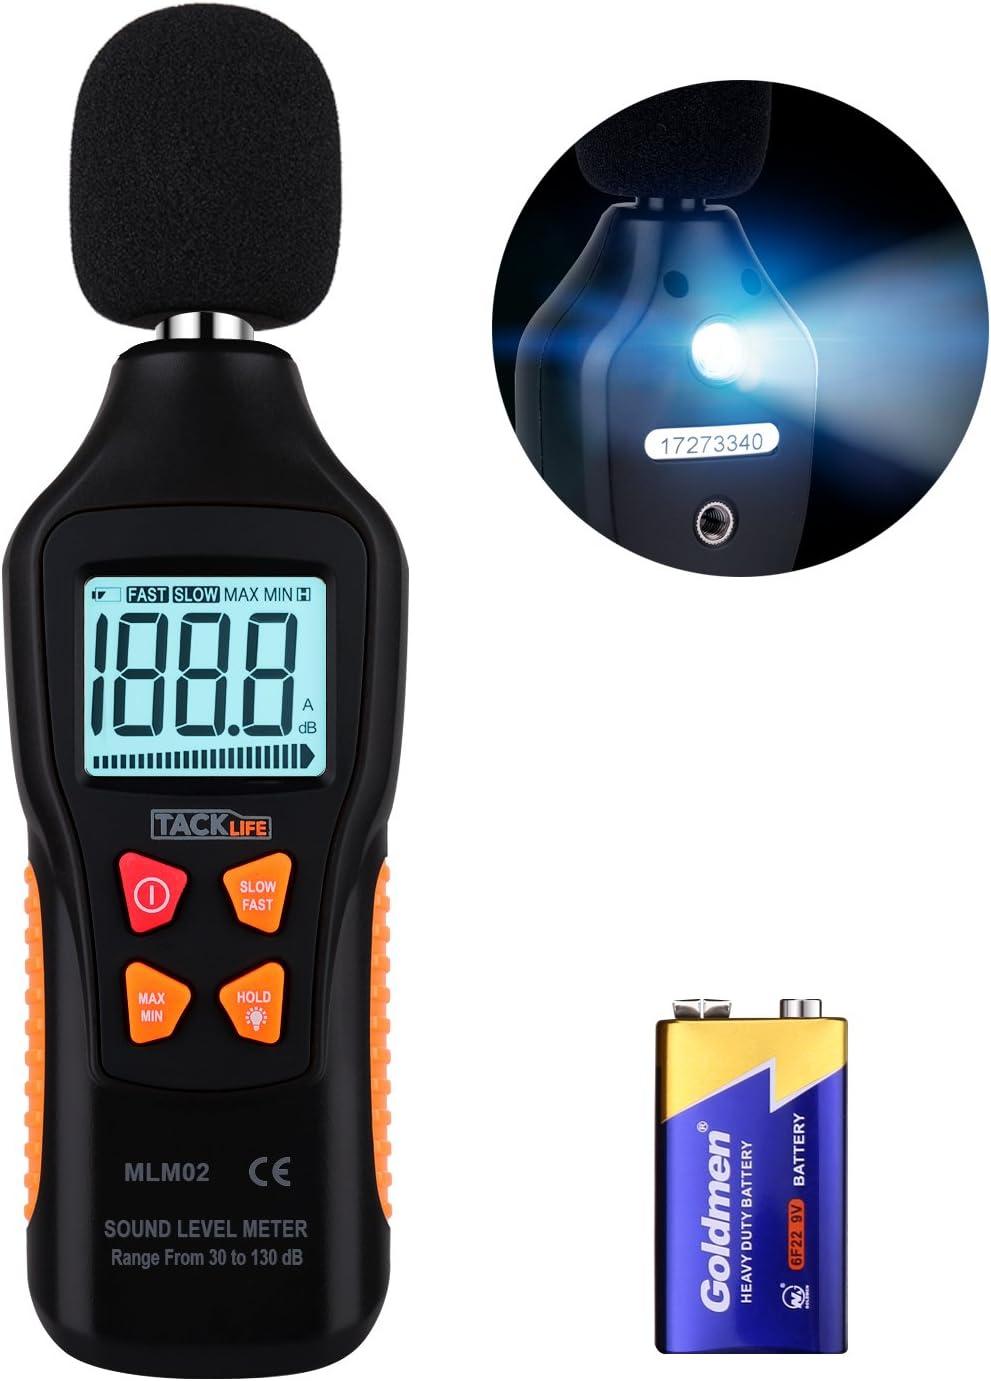 Medidor de Sonido, Tacklife MLM02 Decibelímetro, 30-130dB, Modo Rápido/Lento, LCD Retroiluminada, con Linterna, Batería Incluida, Precisión: ±1.5 dB, Medir Ruido en Casa, Oficina, Teatro, Fábrica